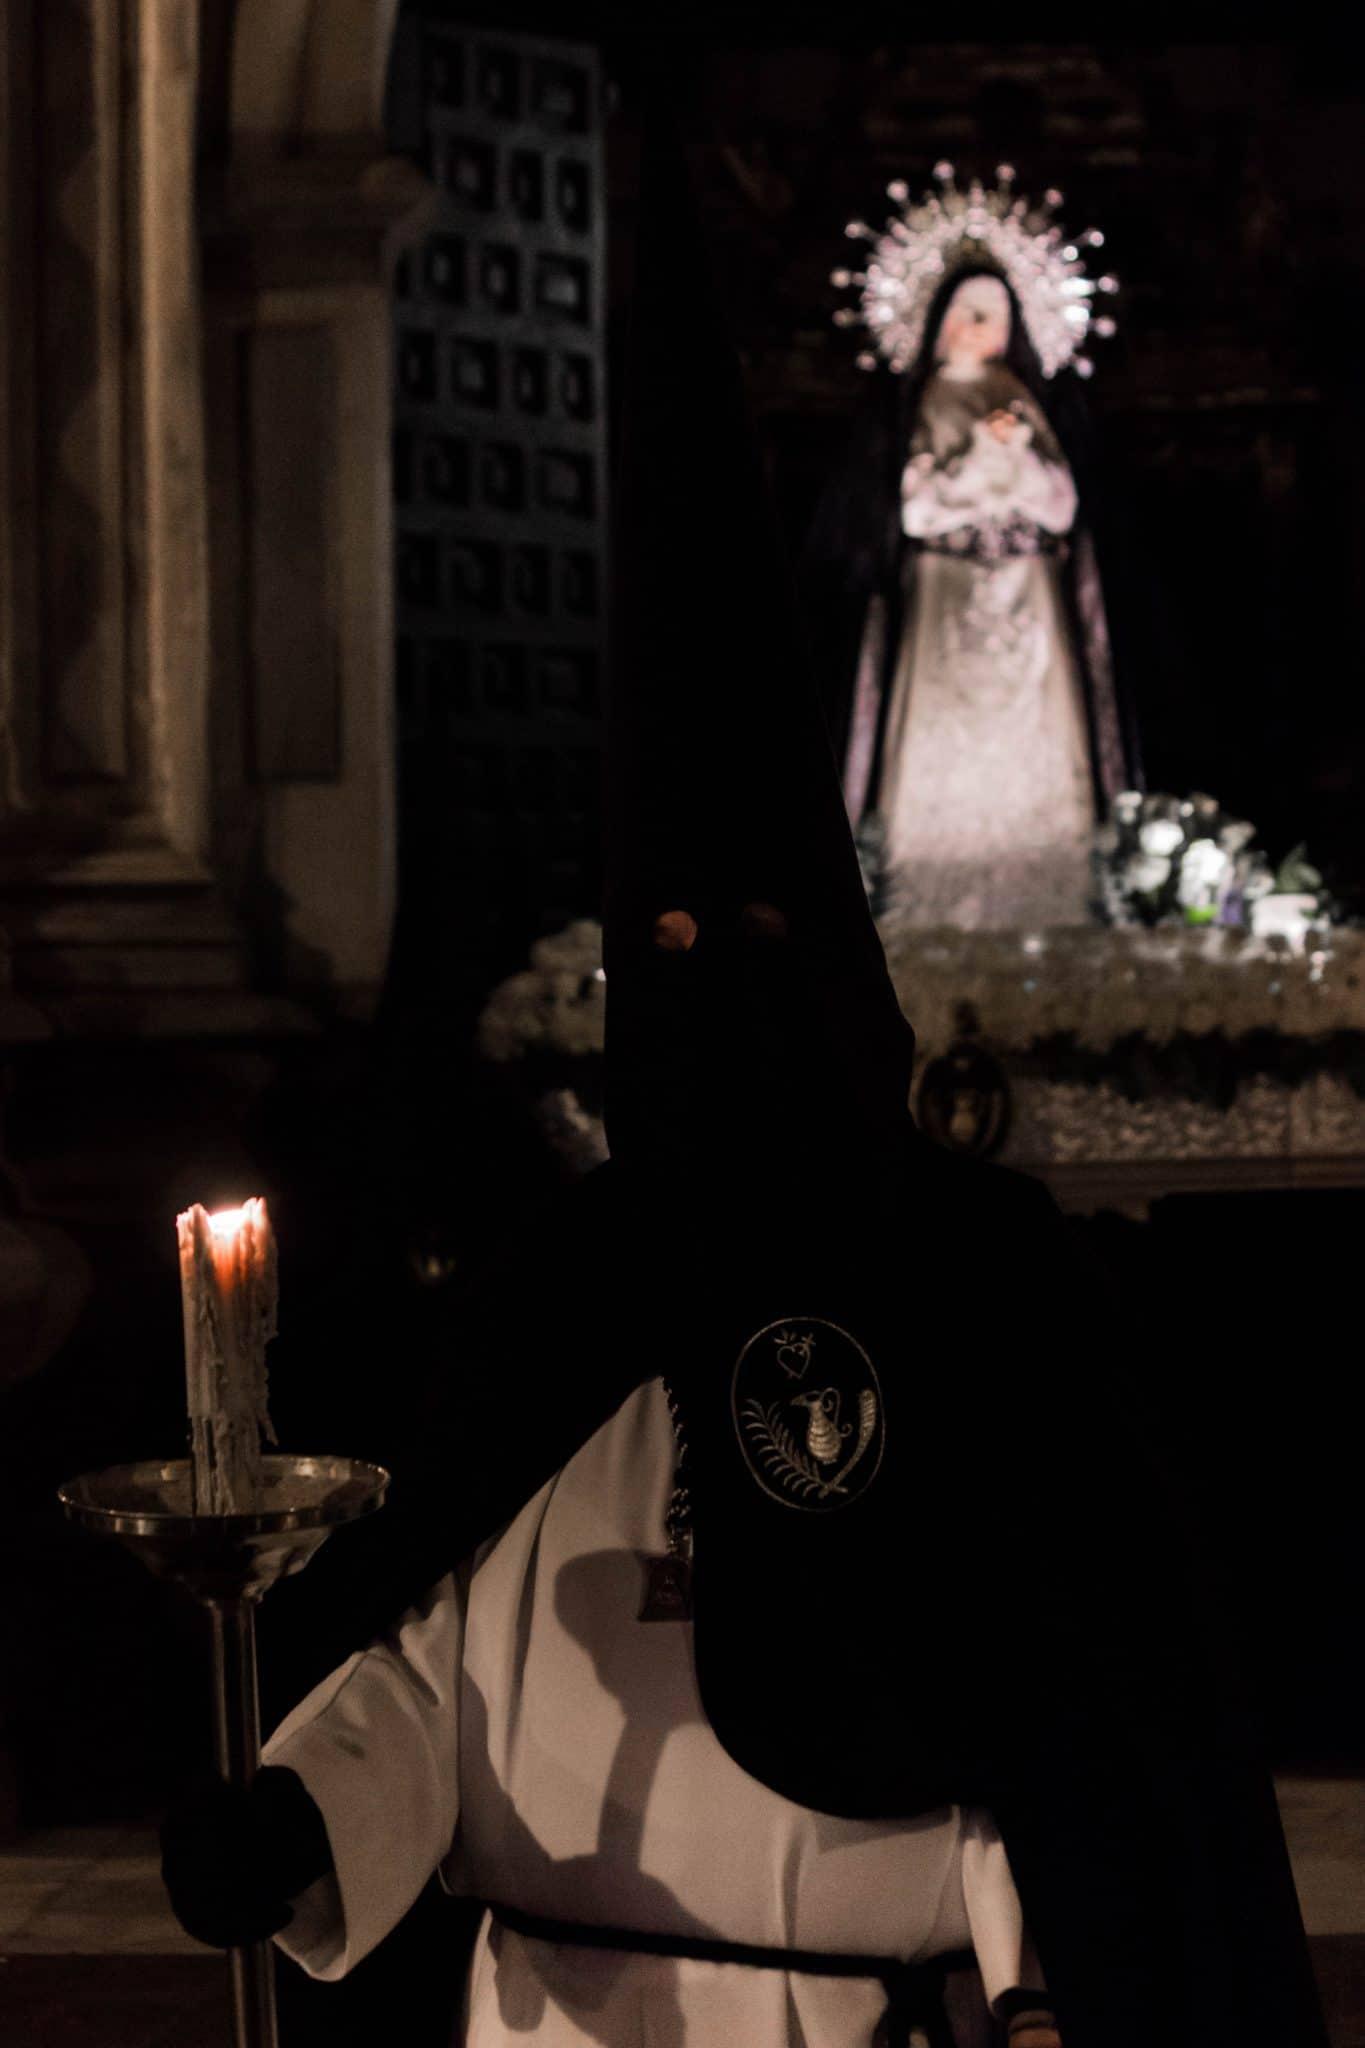 Semana Santa en Zaragoza - Procesión de la Amargura Humillación